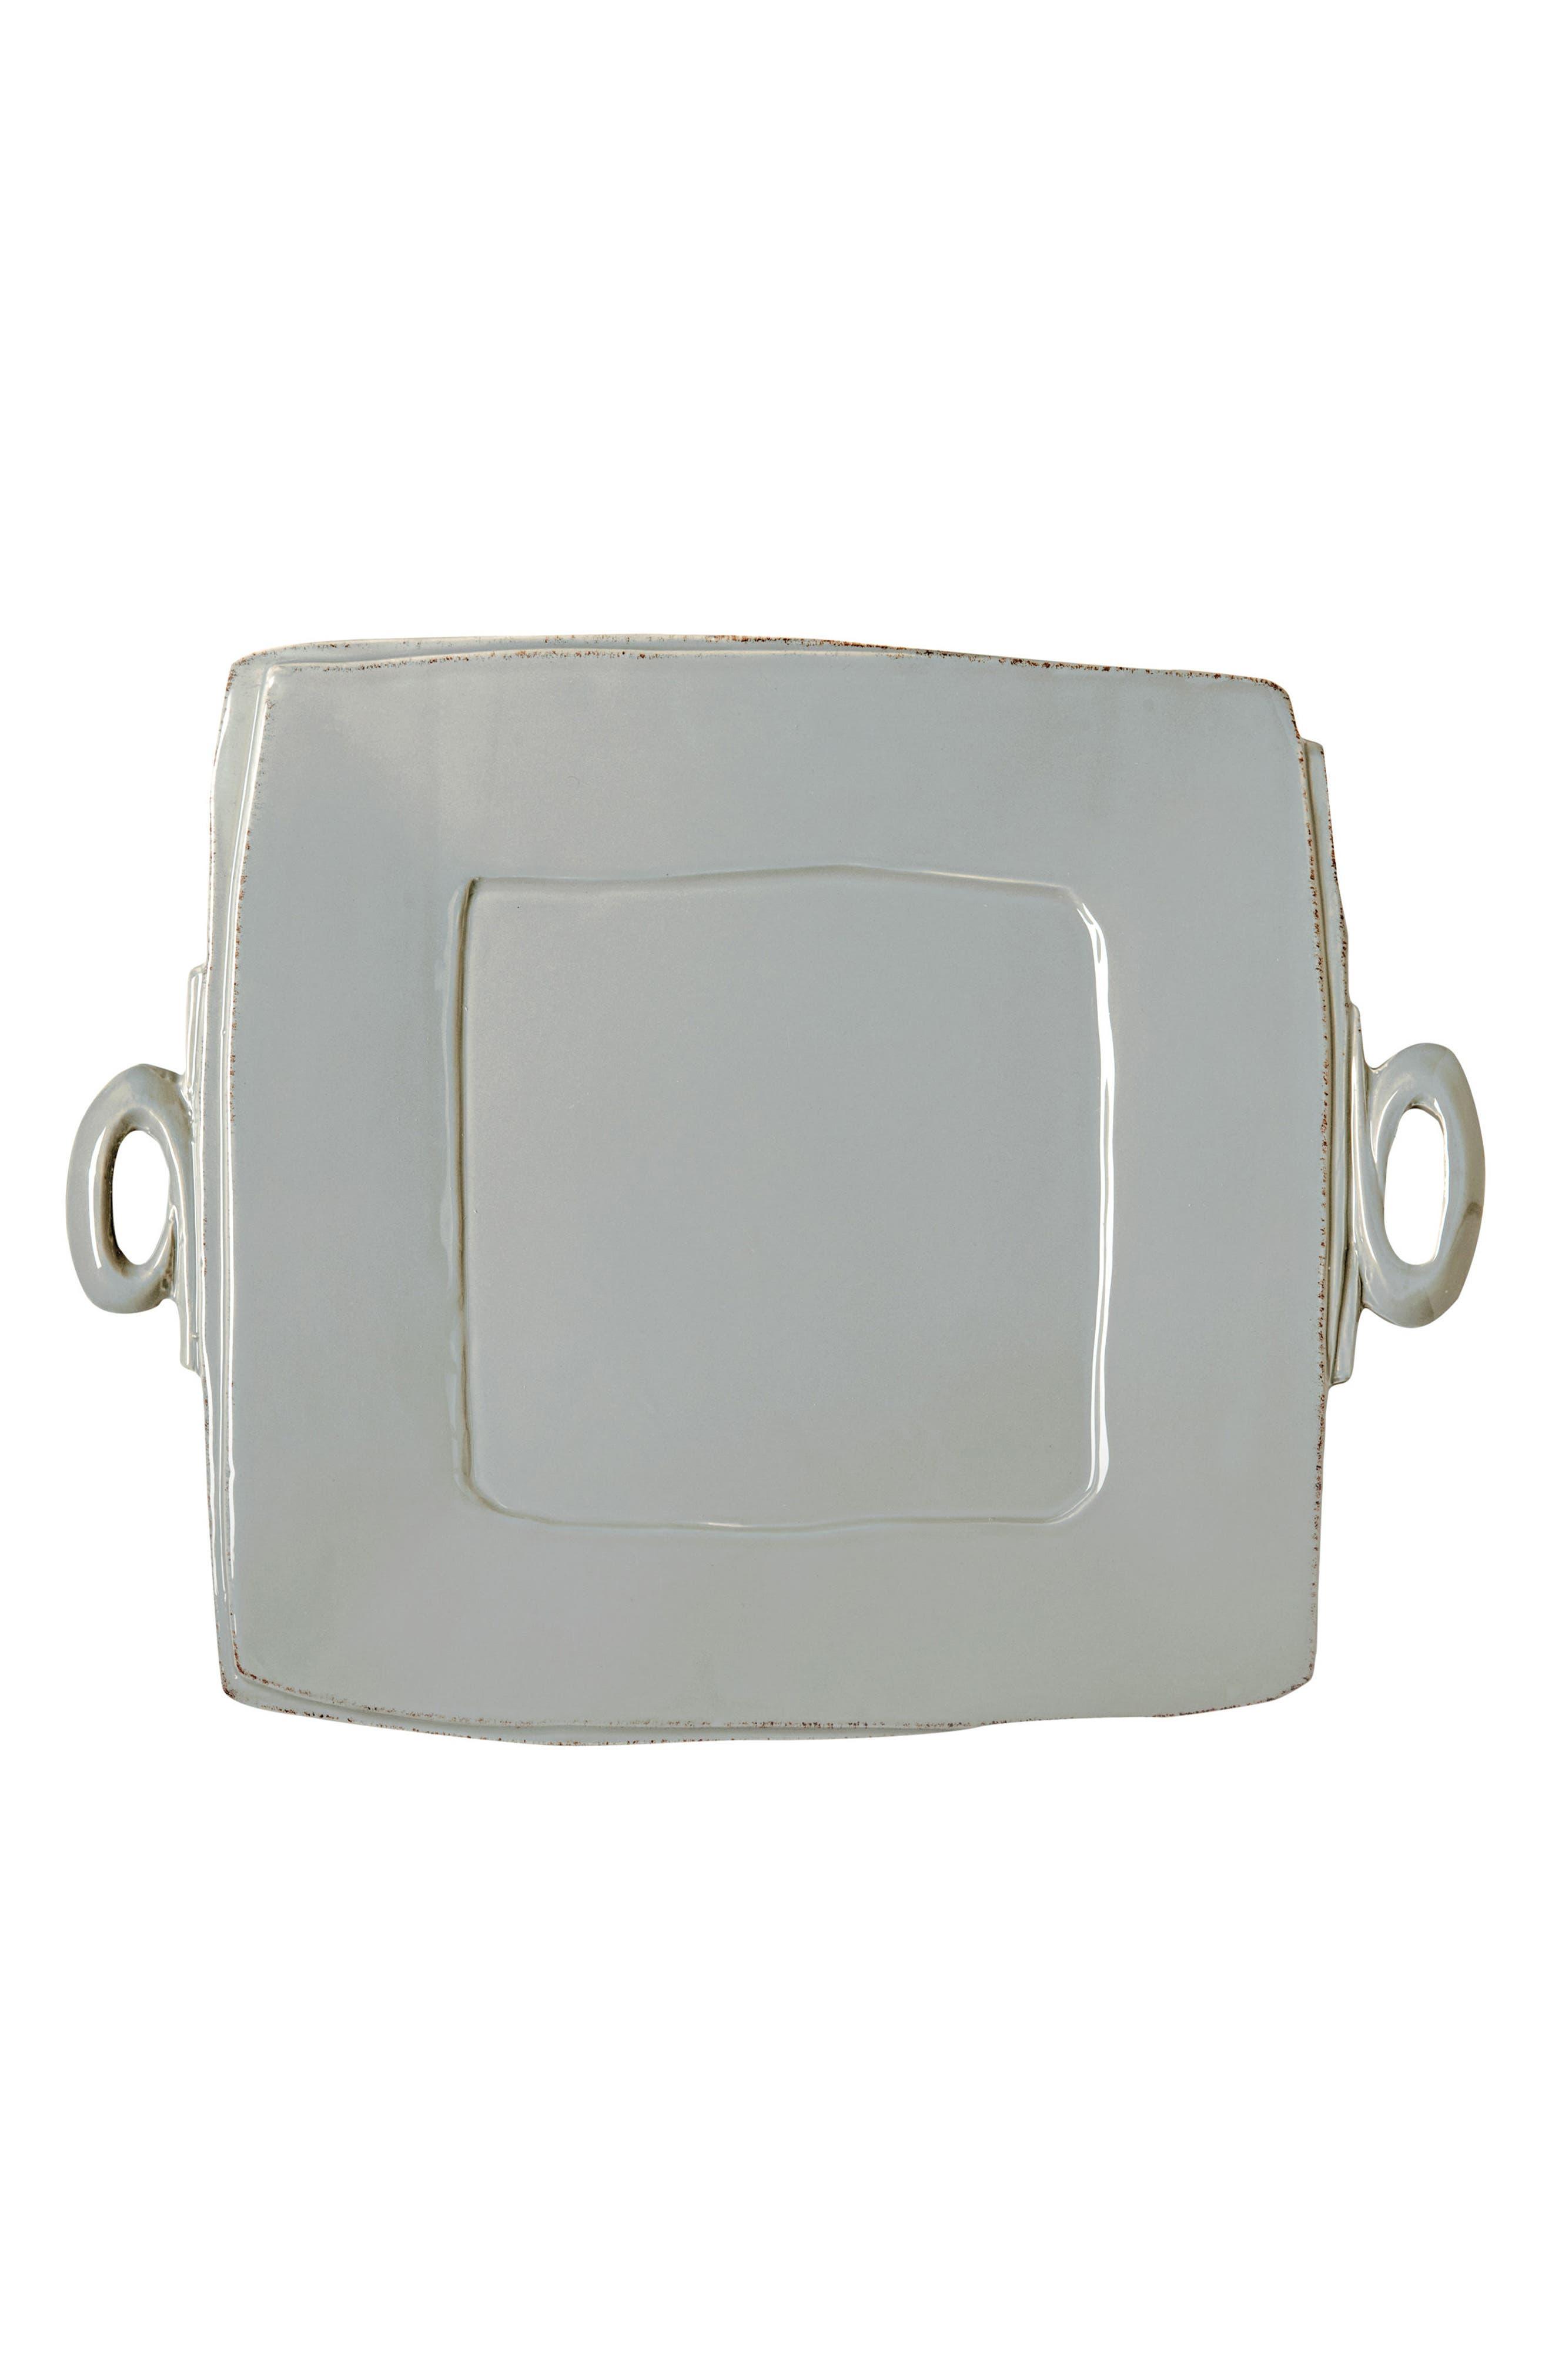 Lastra Square Platter,                         Main,                         color, GRAY